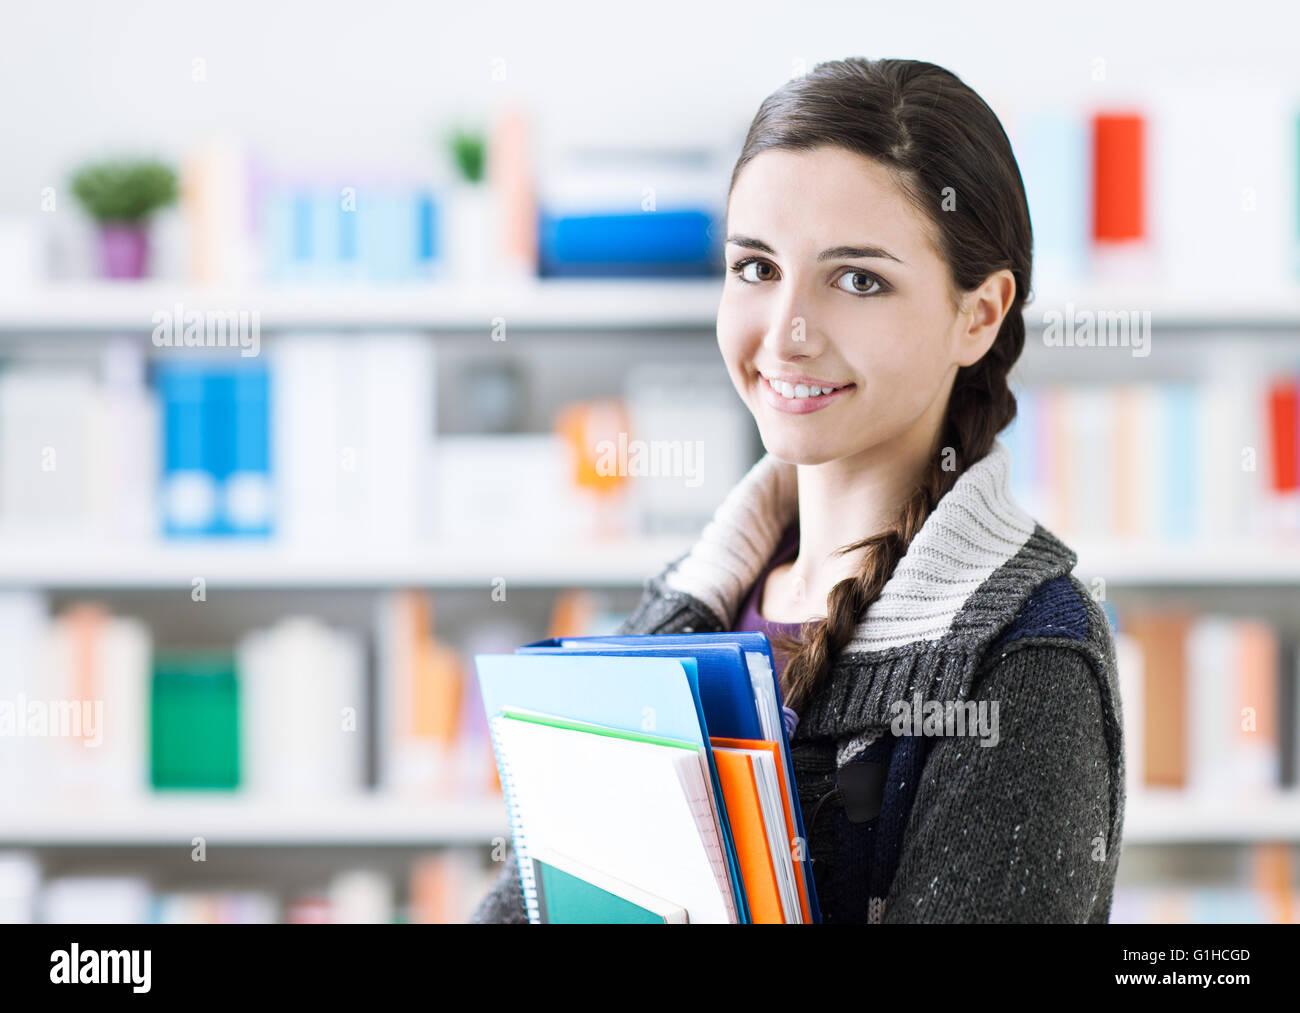 Sonriente joven estudiante chica posando en la biblioteca de la escuela, ella es la celebración de cuadernos Imagen De Stock